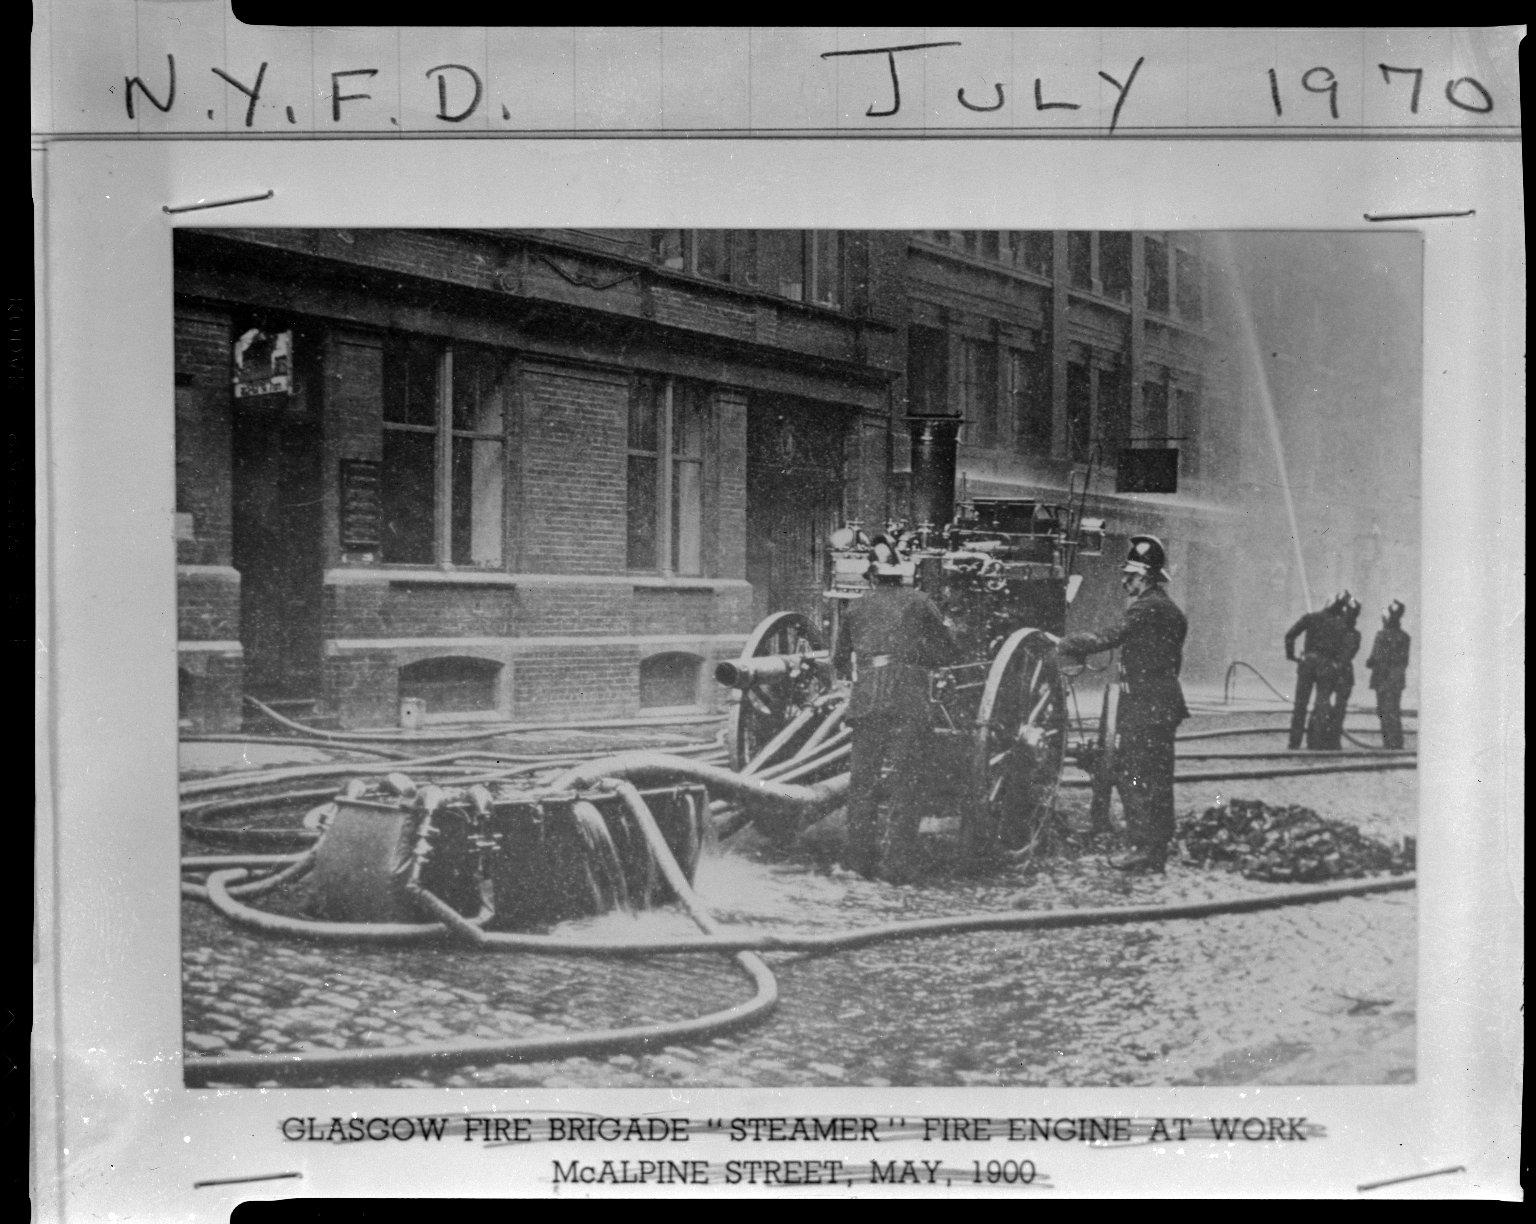 Паровой пожарный насос пожарной бригады Глазго в работе. Нью-Йорк, США. Май 1900 года